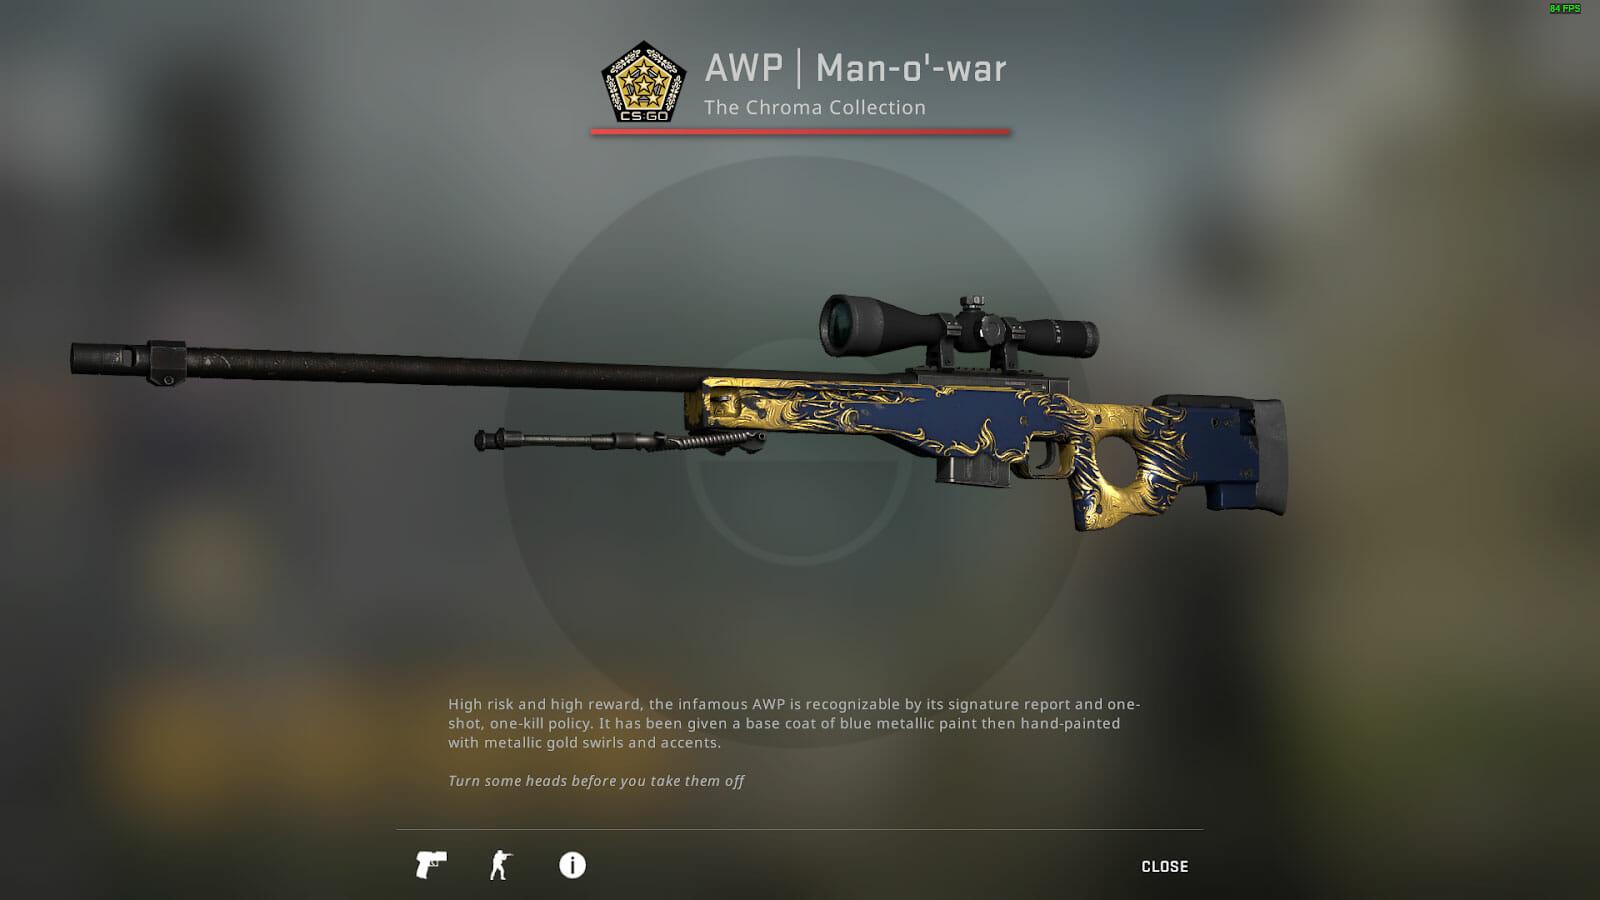 AWP Man-o'-War